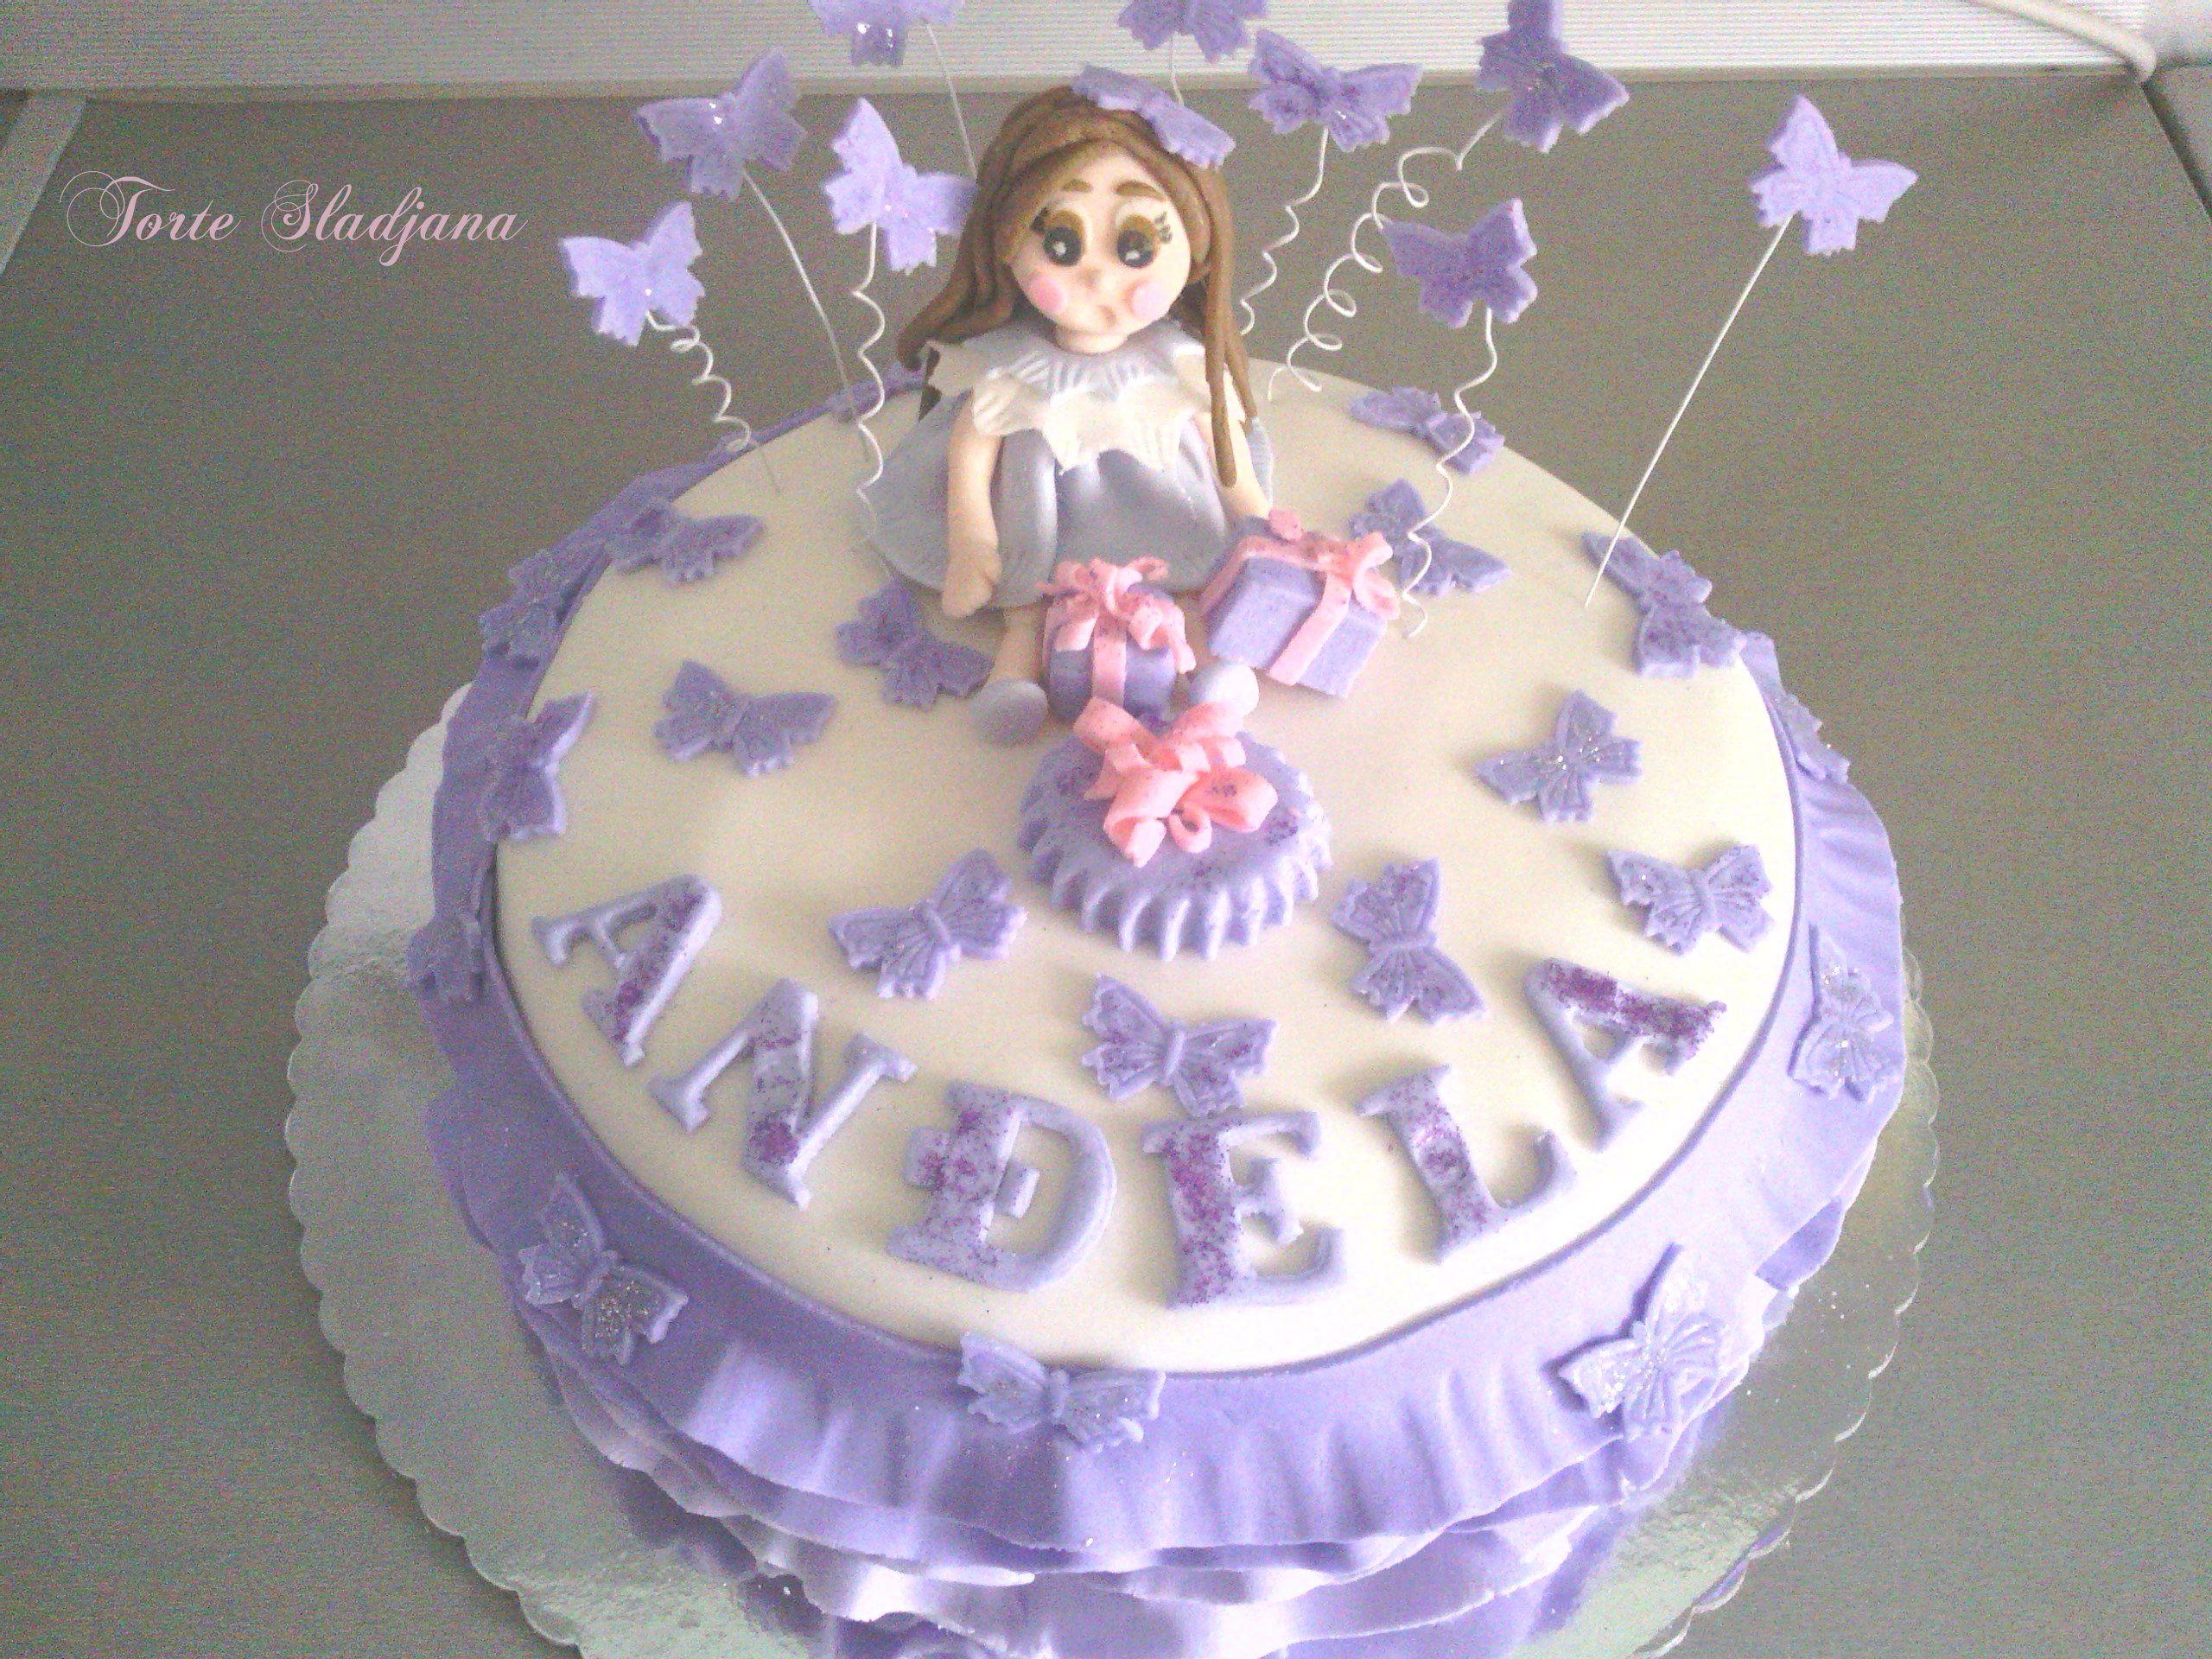 Birthday birthday cake cake birthday